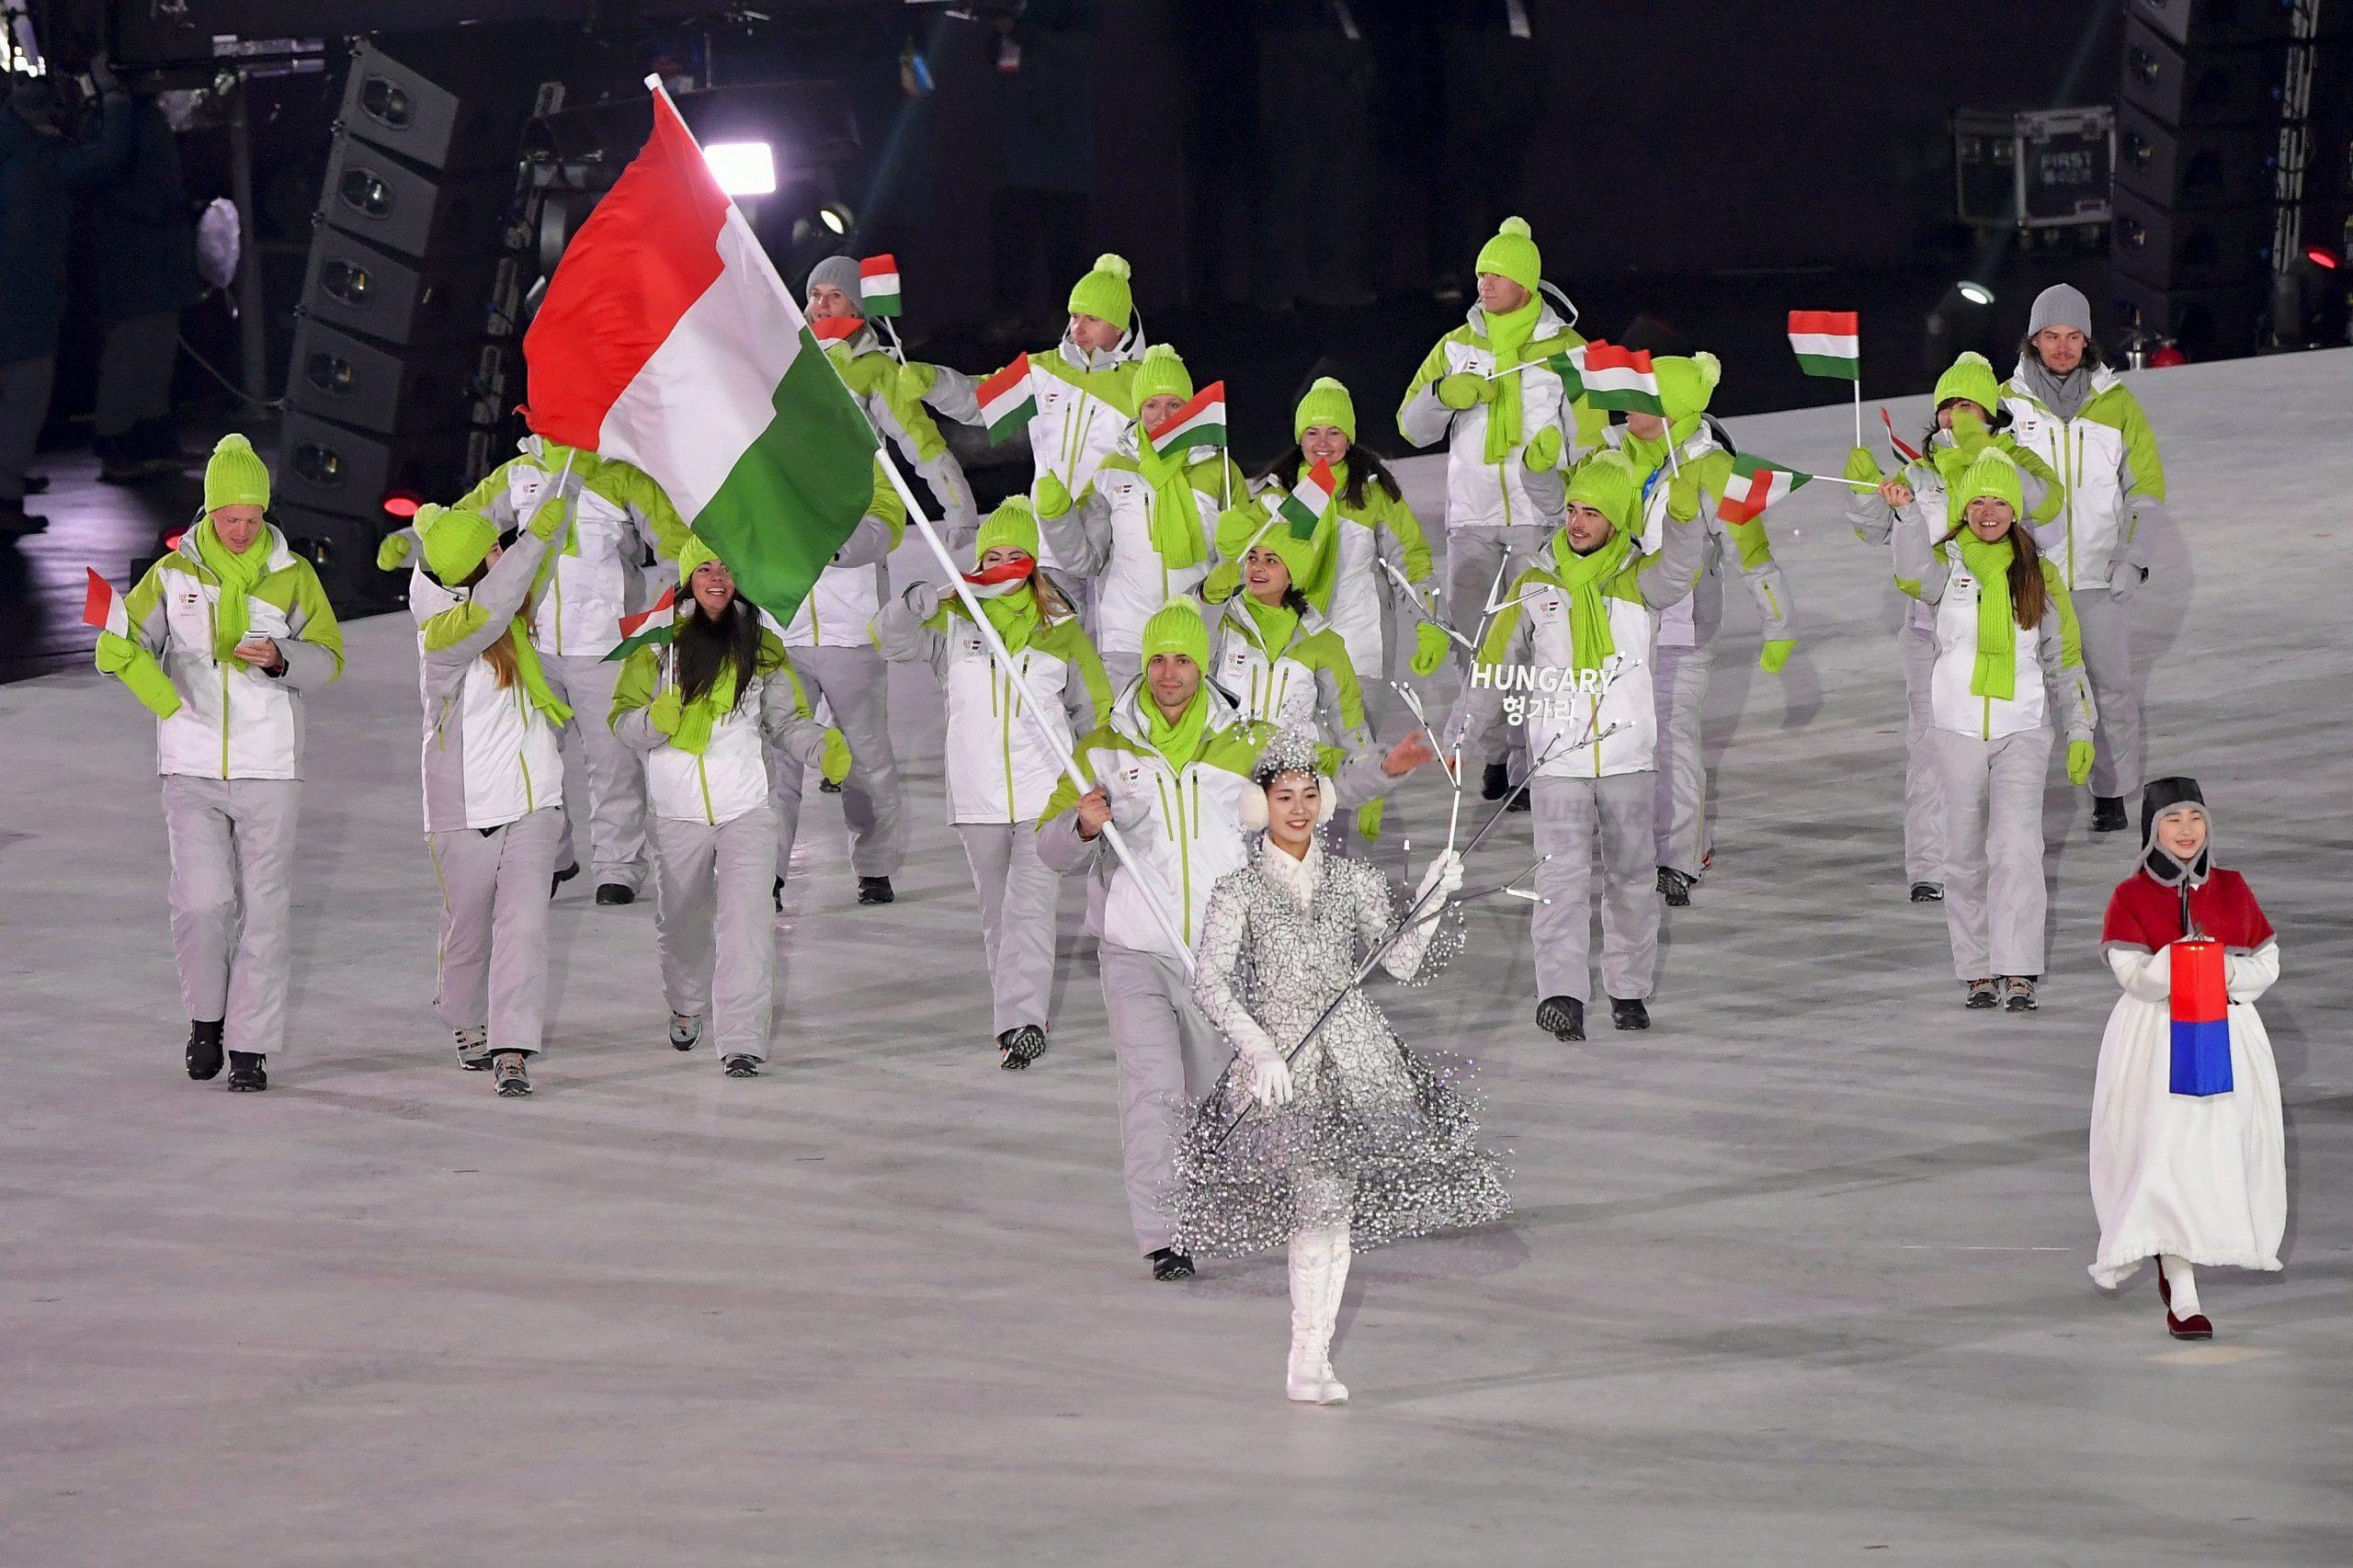 Megkezdődött a téli olimpia